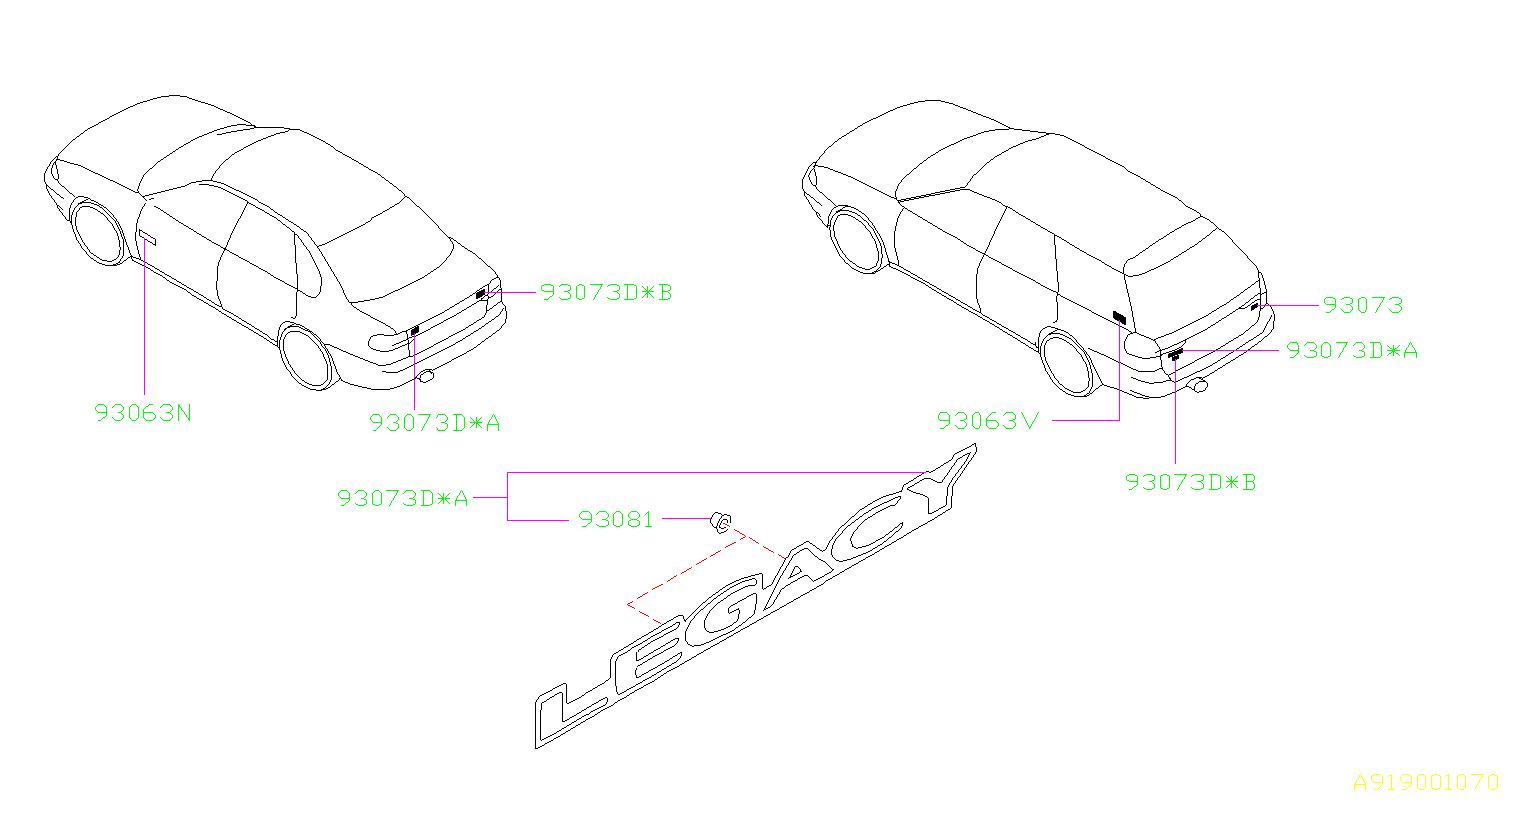 Subaru Legacy Clip. Mark, letter, label, grade, body